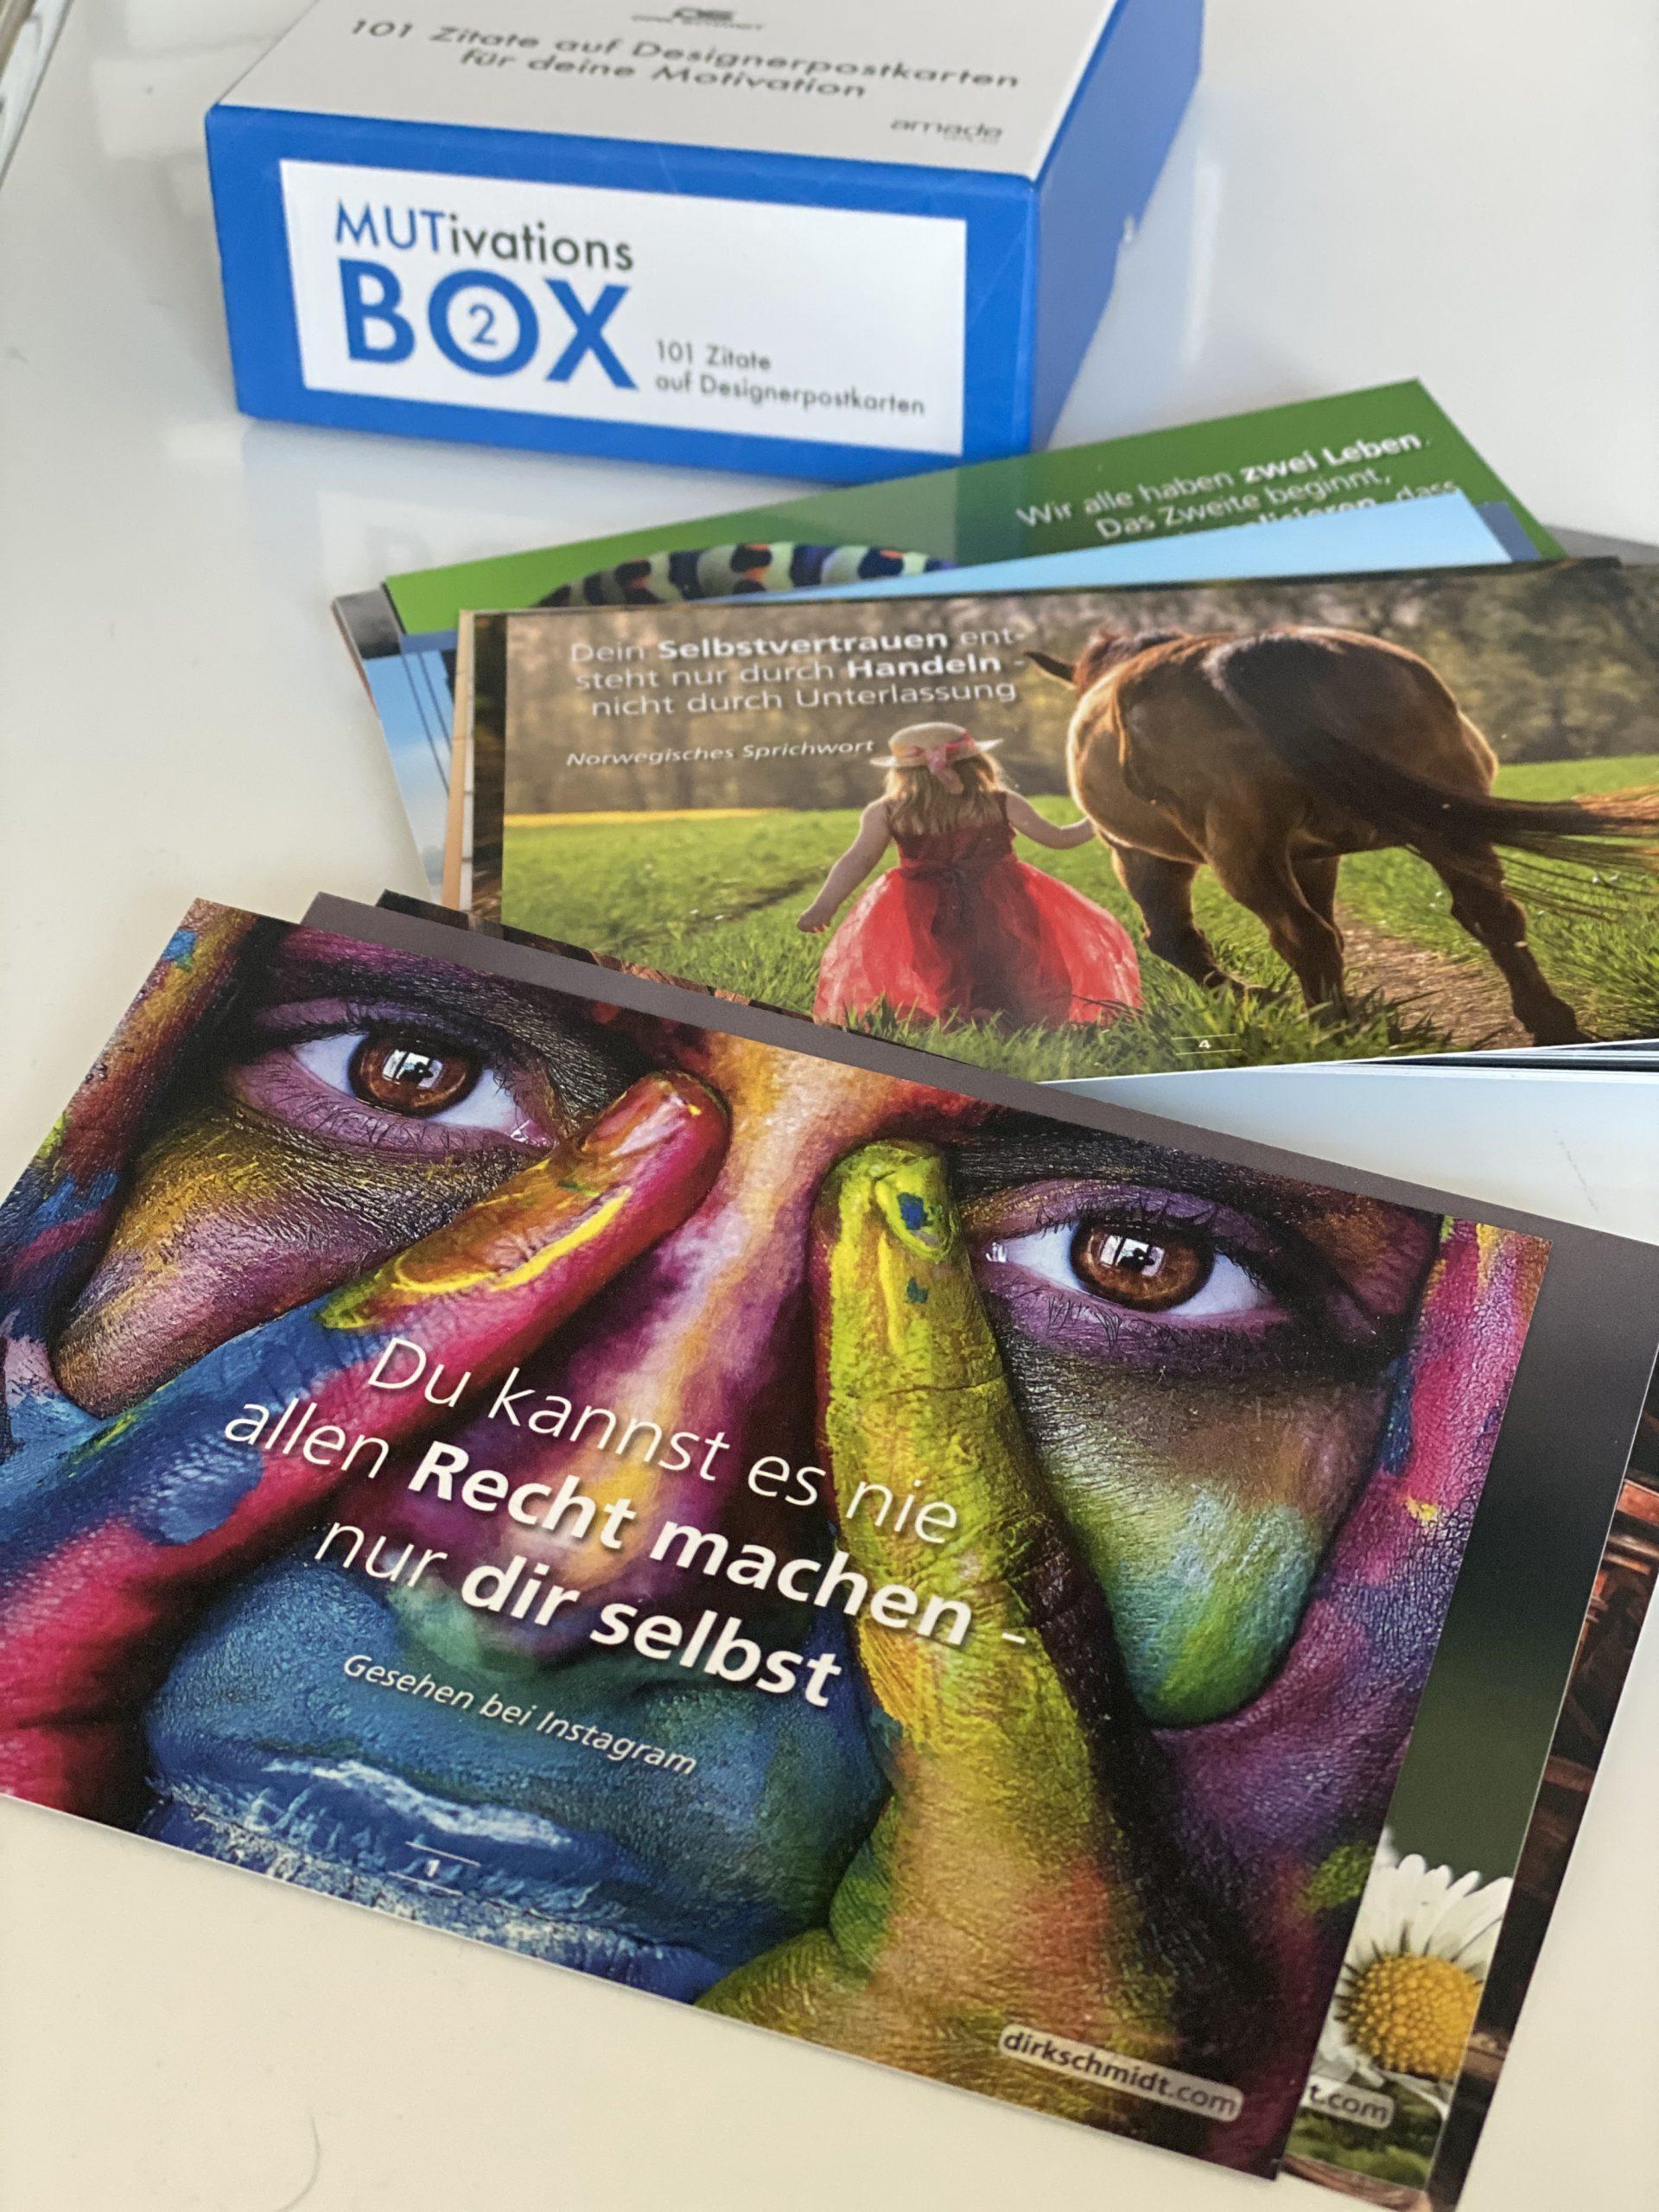 Postkarten die Mut machen - MUTIVATIONSBOX 2